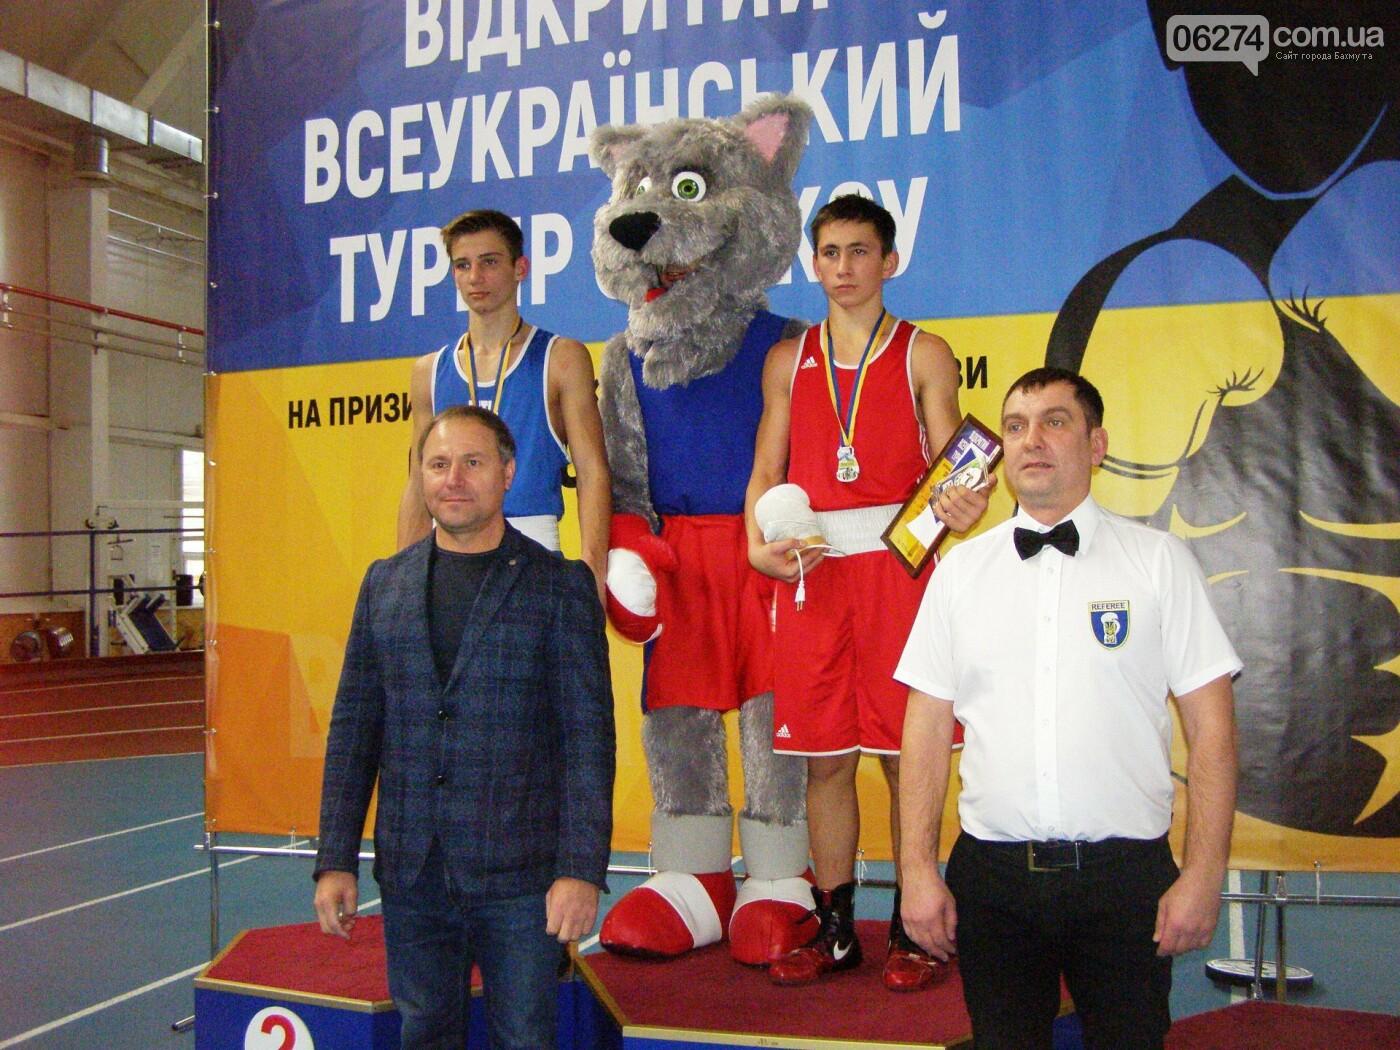 Боксеры Донетчины получили 15 наград всеукраинского турнира среди юниоров в Бахмуте, фото-10